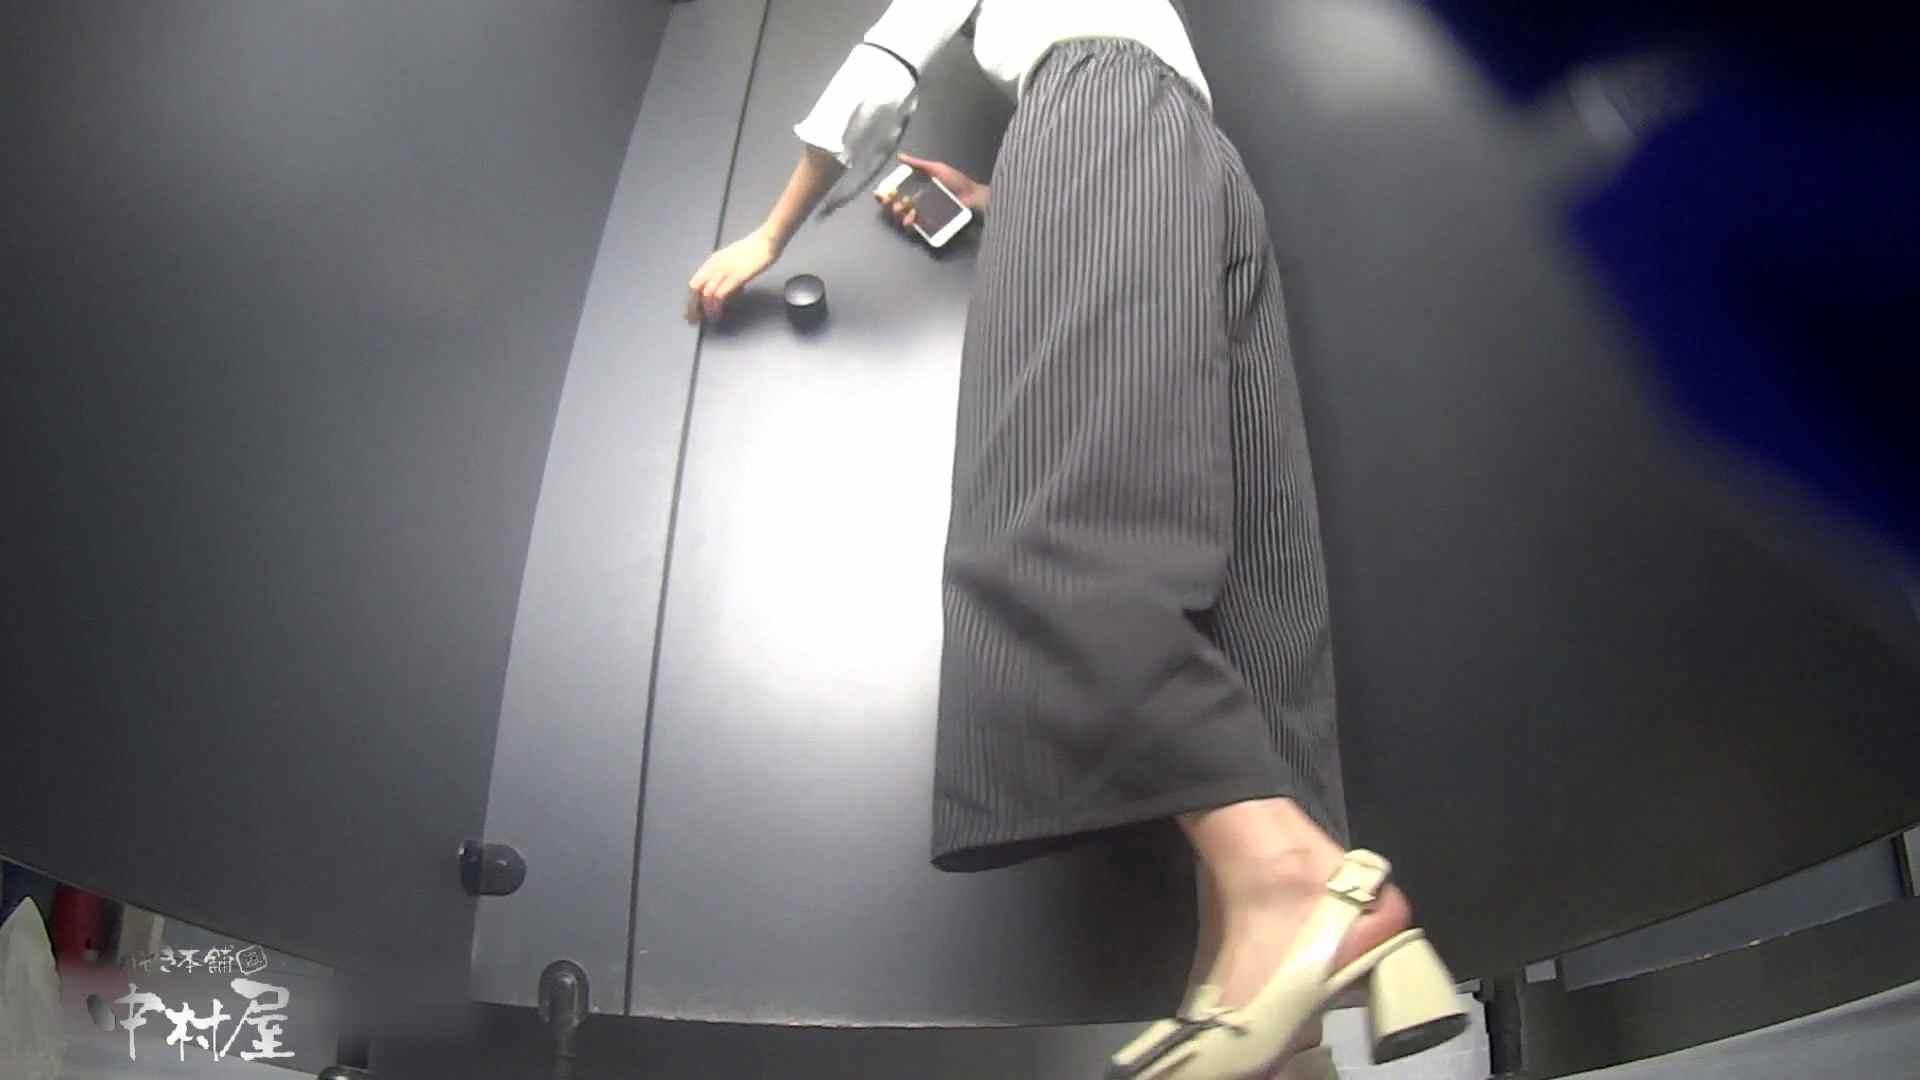 ツンデレお女市さんのトイレ事情 大学休憩時間の洗面所事情32 洗面所 盗撮エロ画像 75画像 38